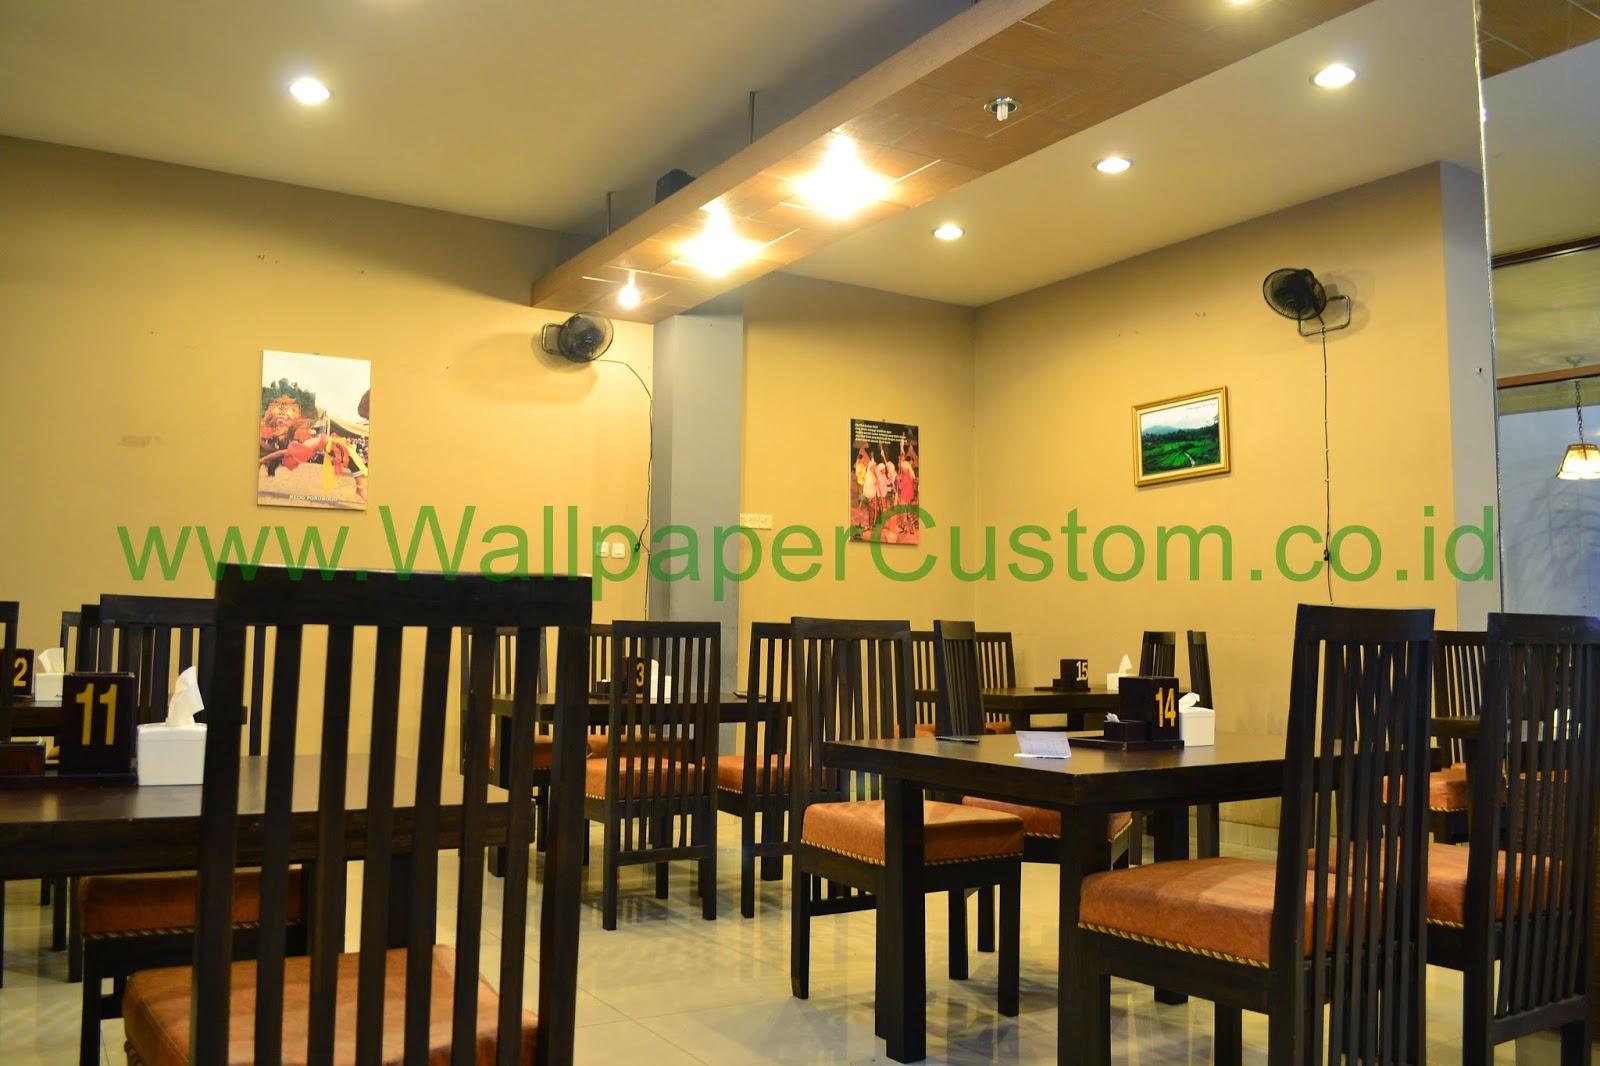 Jual Wallpaper Custom Wallpaper Dinding Gambar Pemandangan